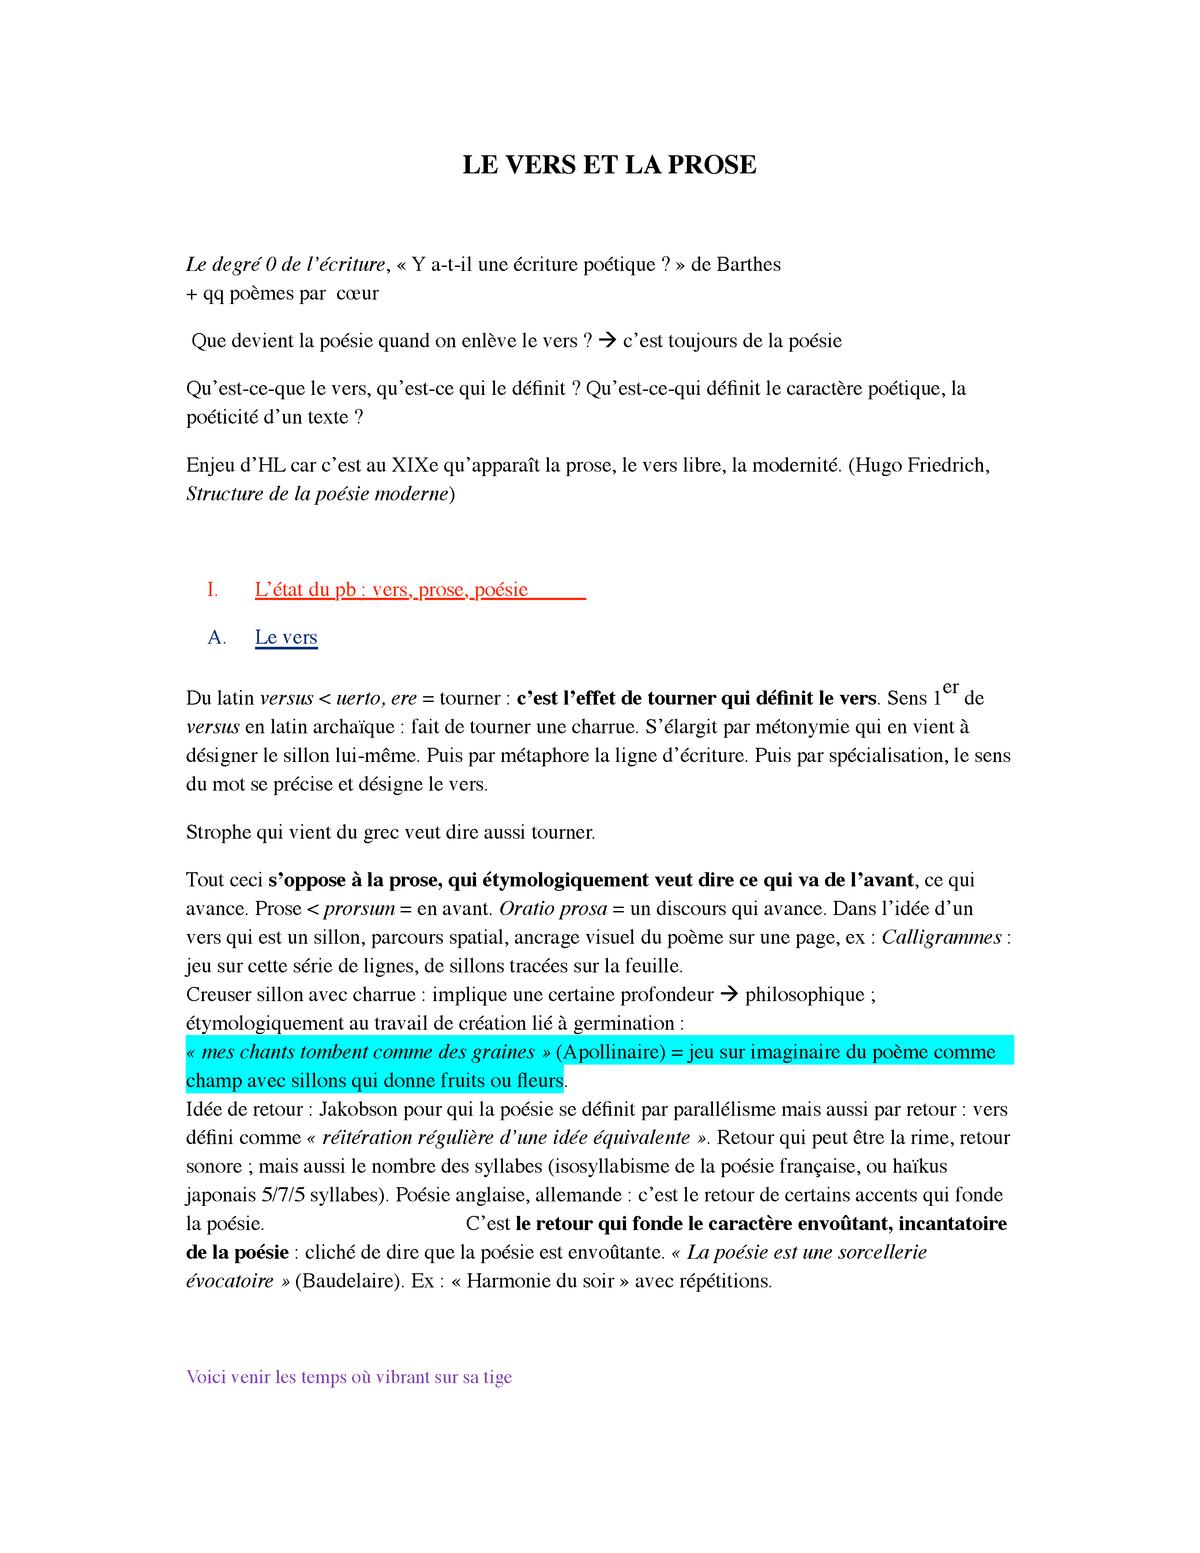 Cours General Poesie Littérature Sorbonne Université